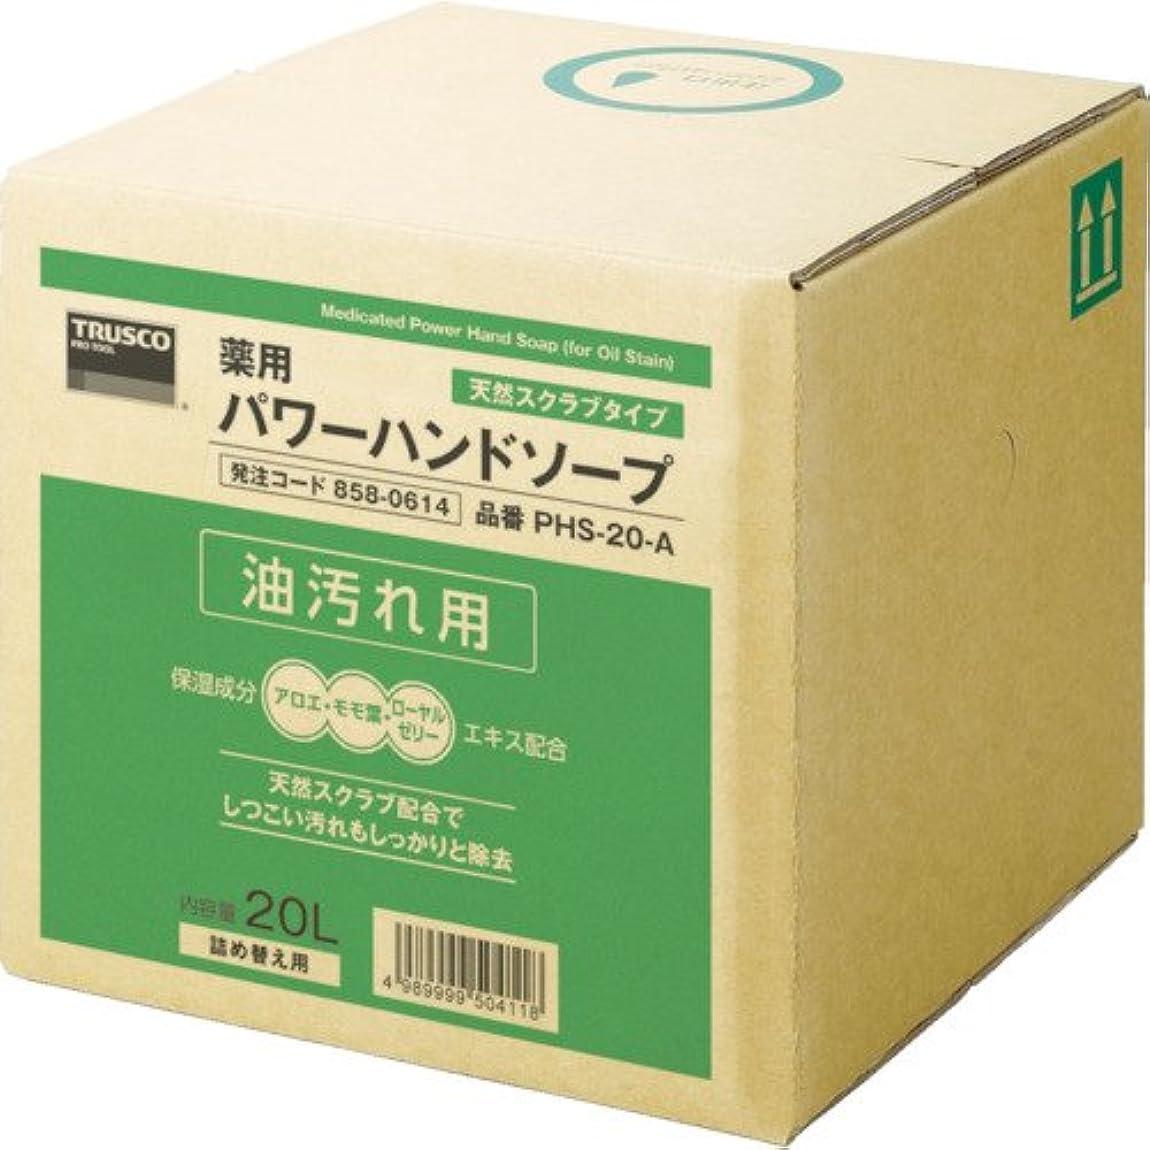 優雅な酸航空会社トラスコ中山 株 TRUSCO 薬用パワーハンドソープ 20L PHS-20-A